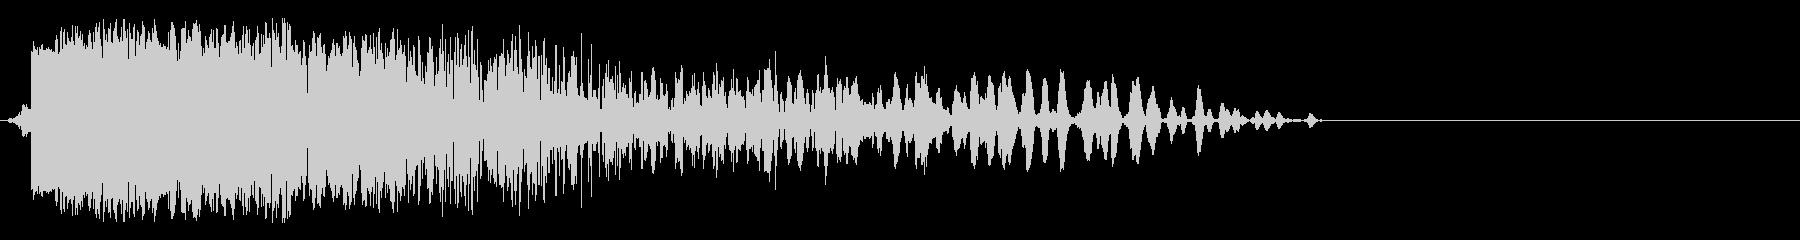 効果音、爆発、ボカーン、ドカーン、爆弾の未再生の波形